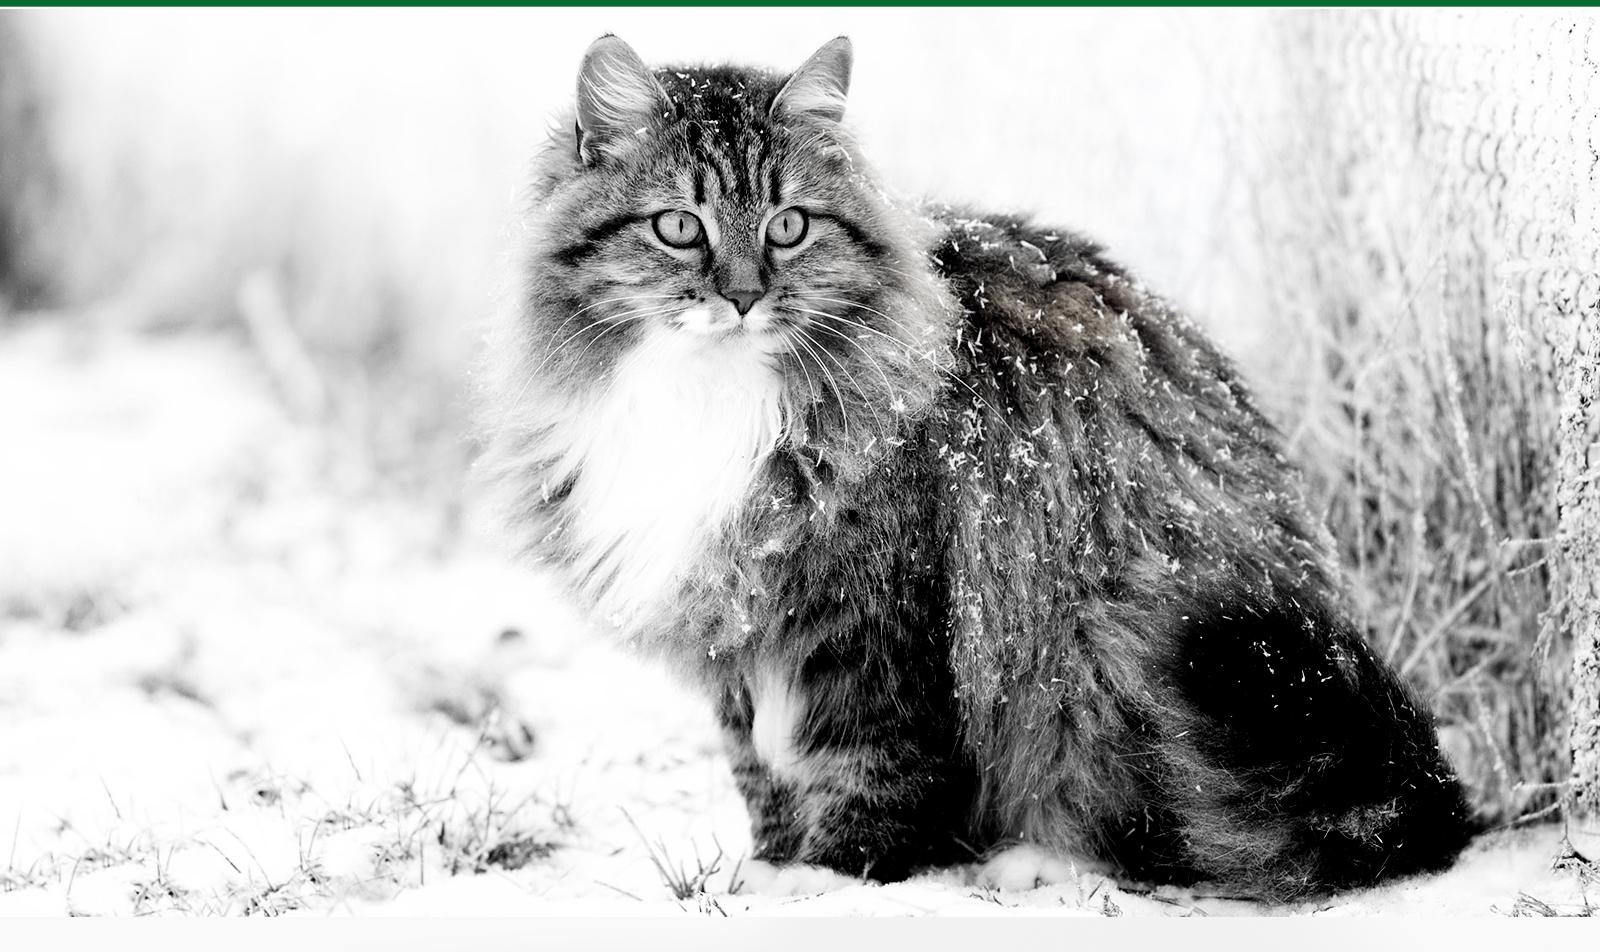 allergia gatto: i rimedi omeopatici